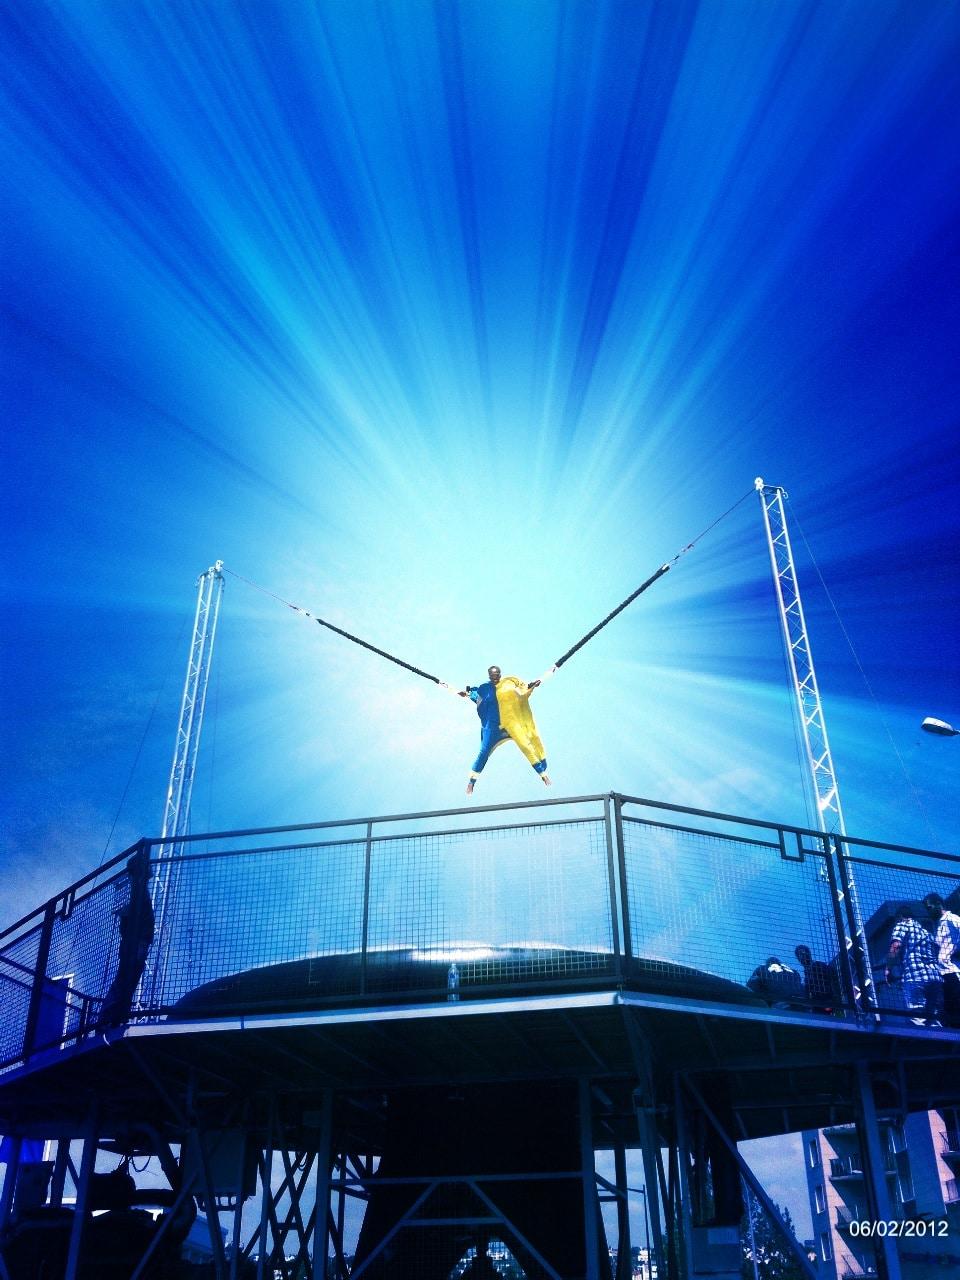 saut homme volant